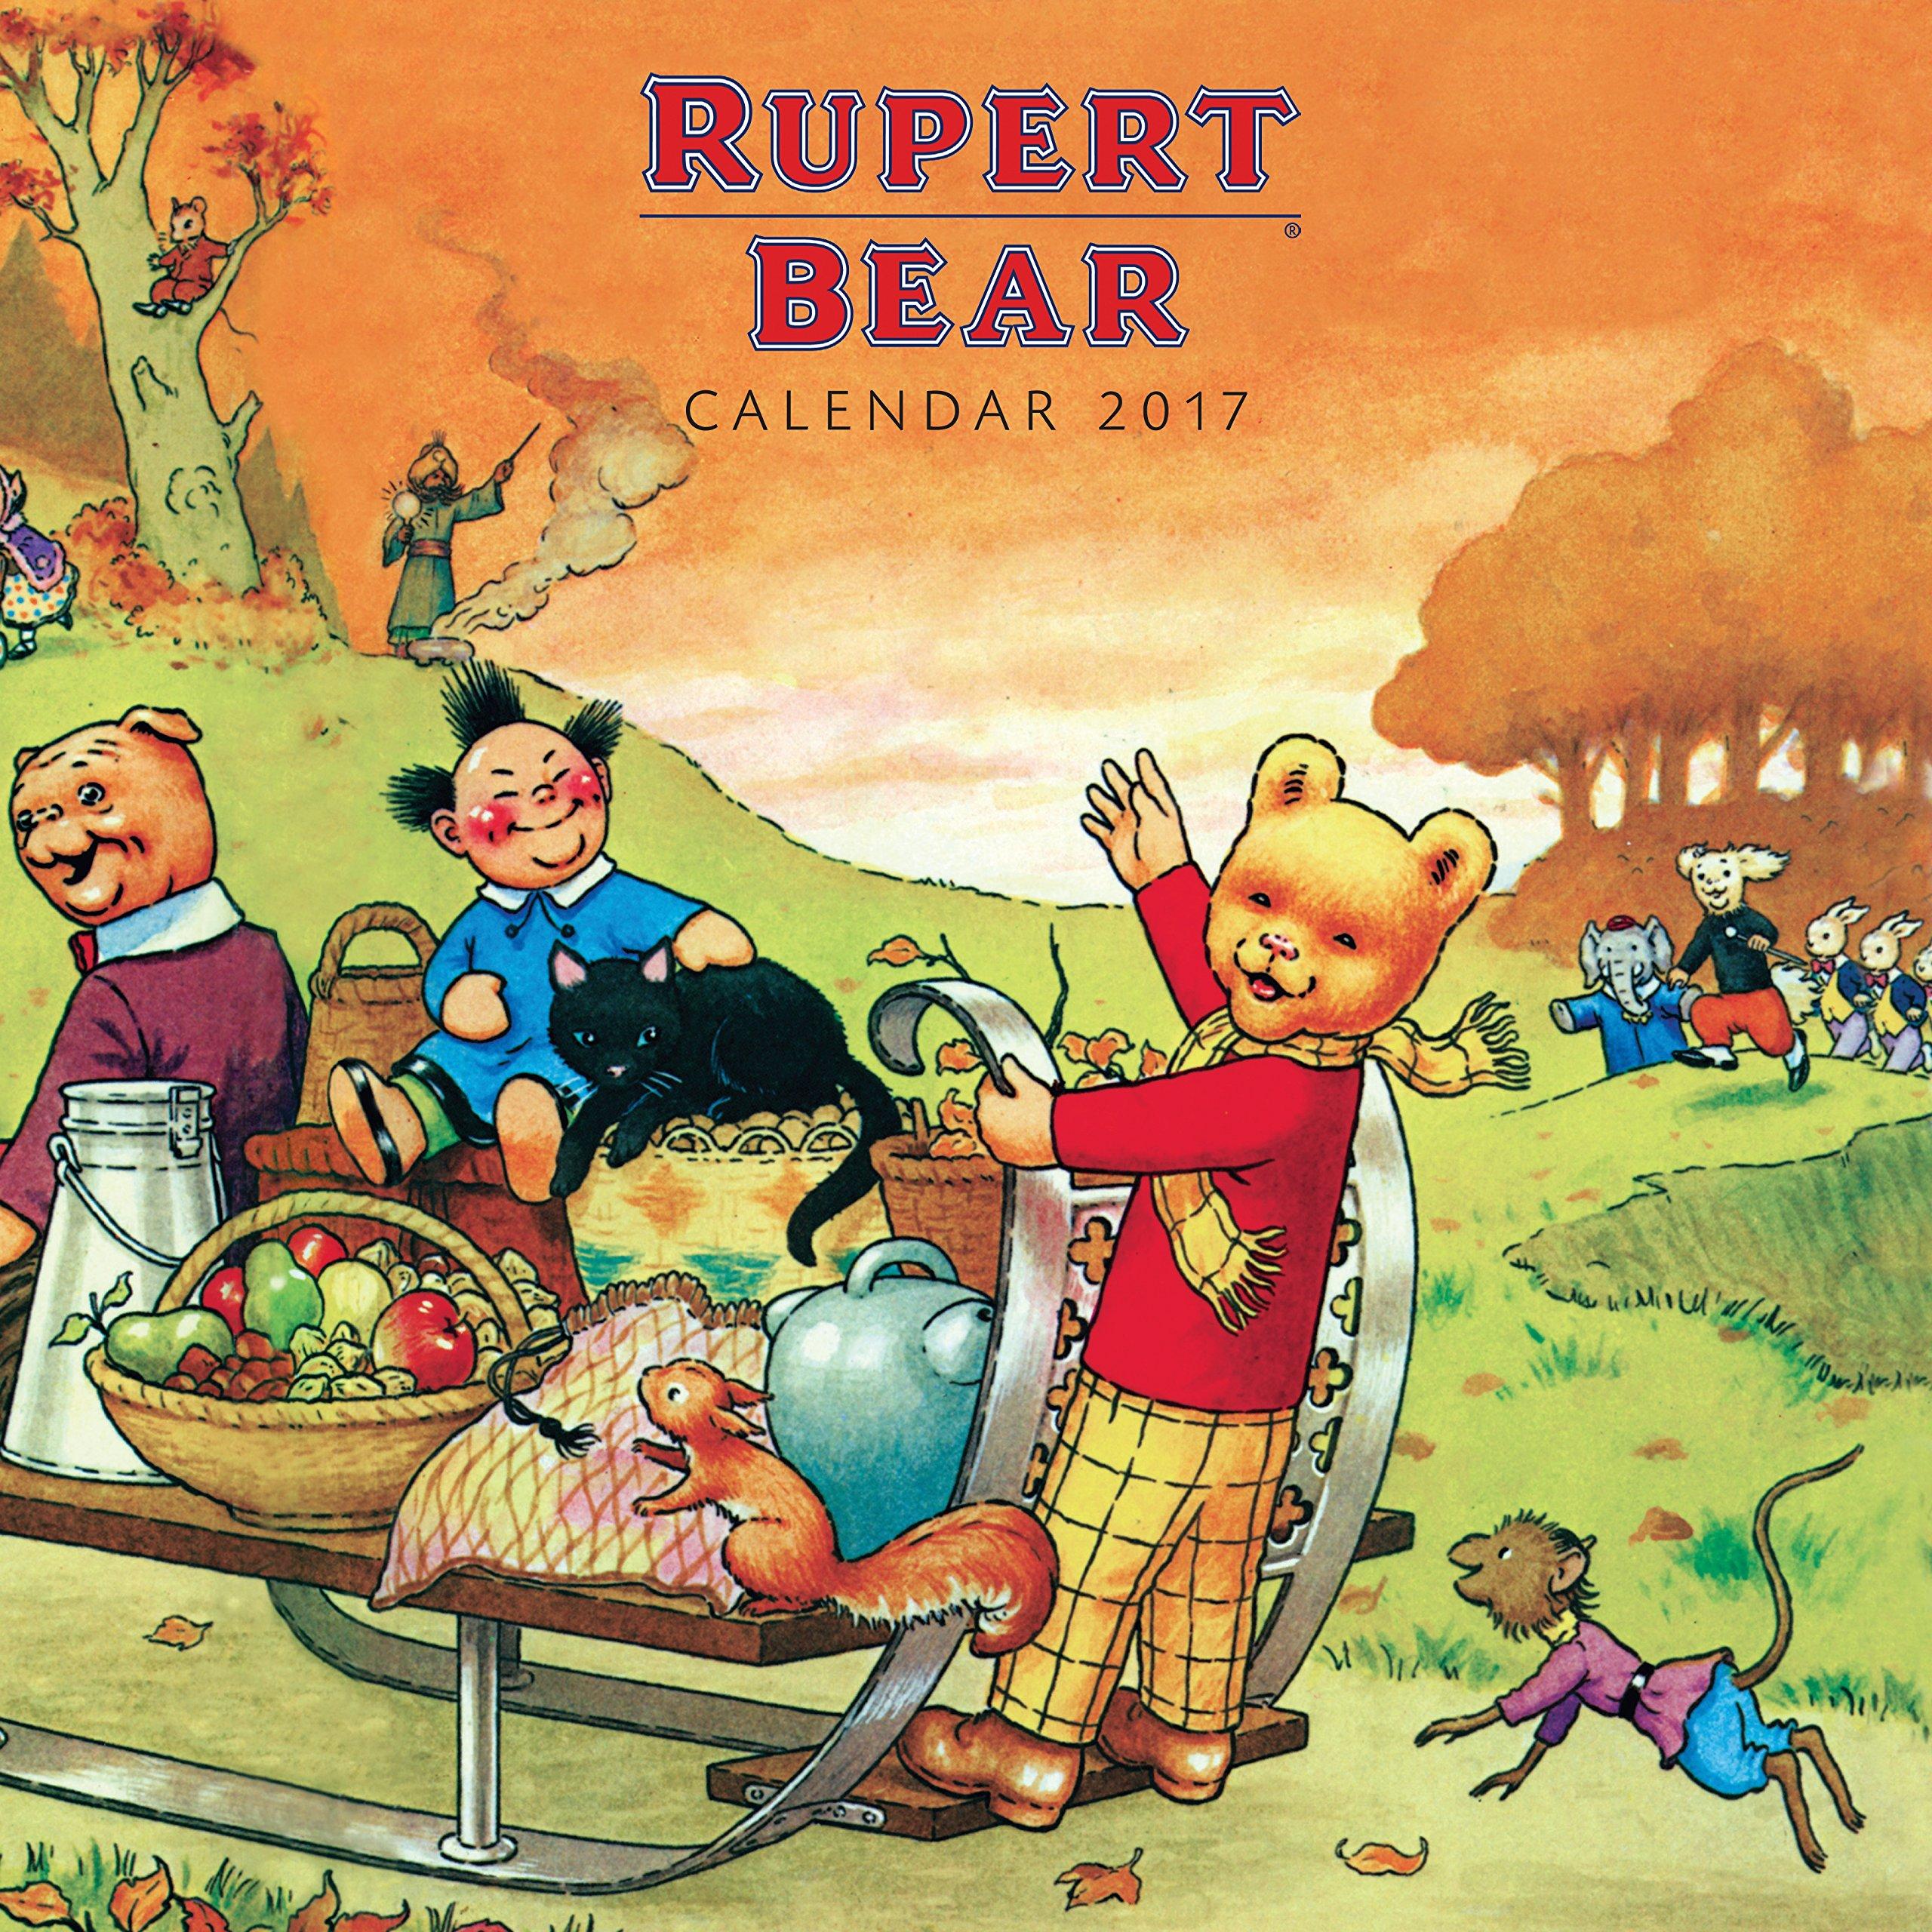 Rupert Bear Wall Calendar 2018 (Art Calendar): Amazon.co.uk: Flame ...